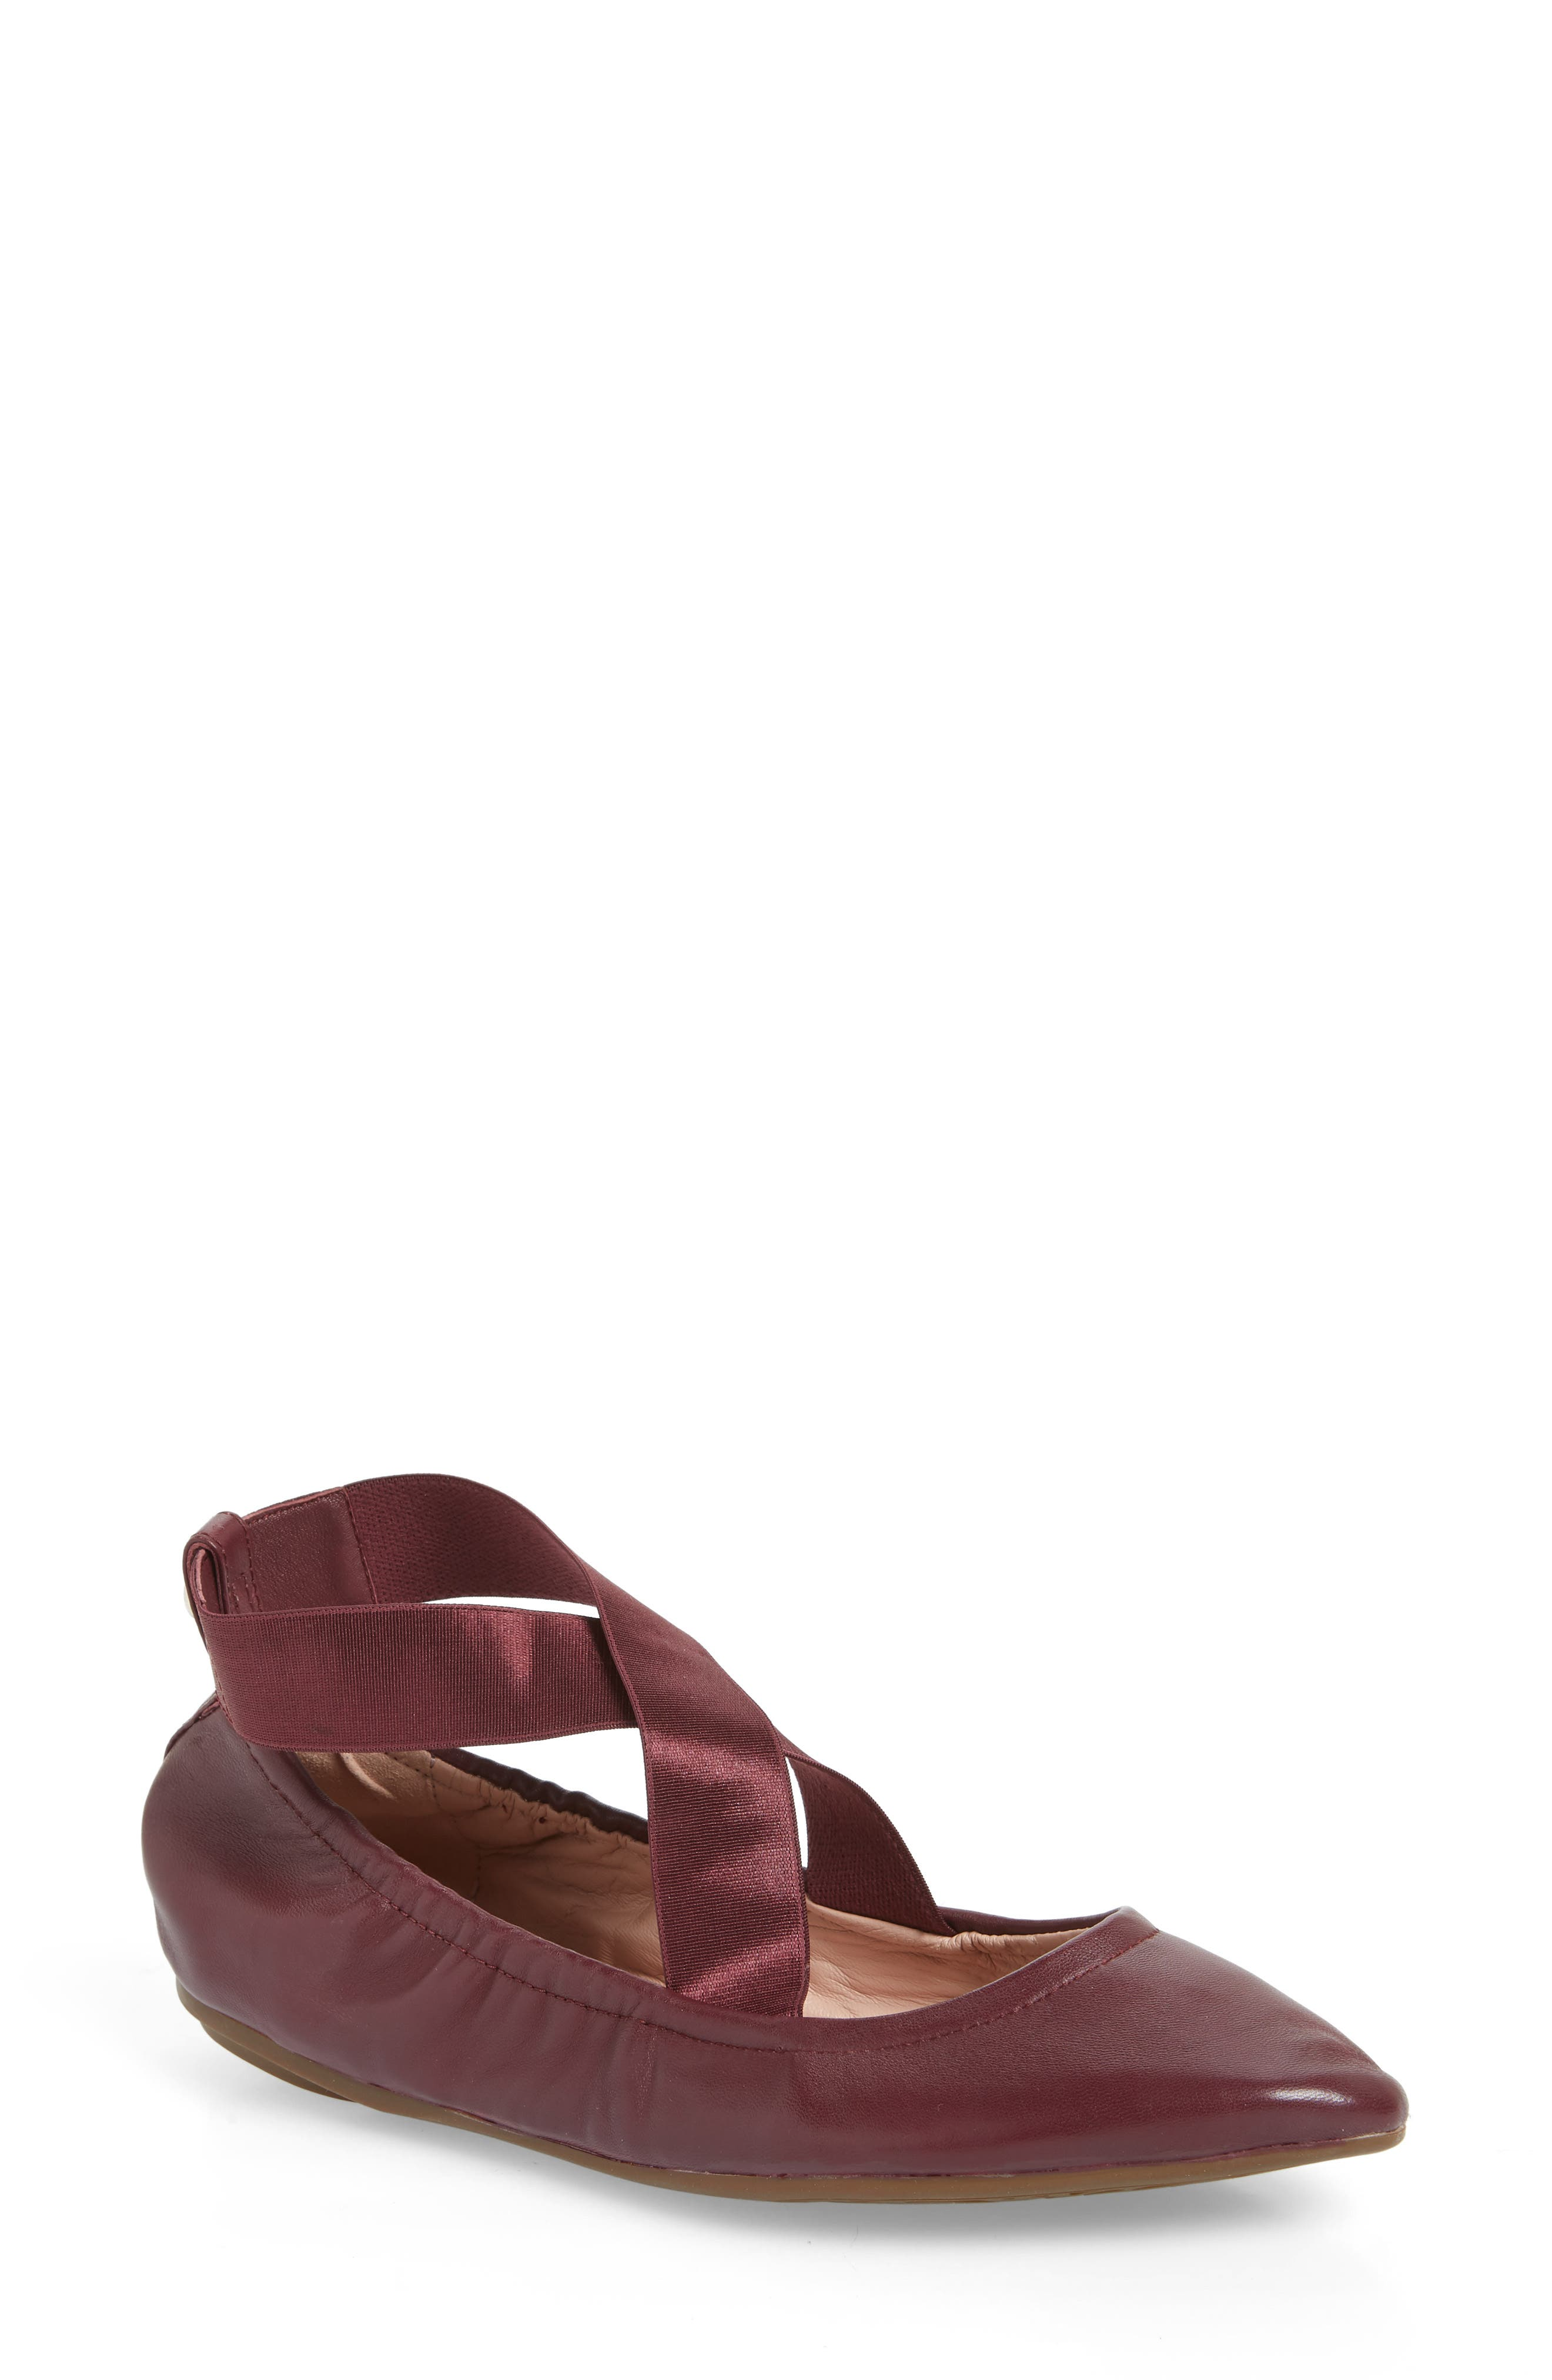 Edina Strappy Ballet Flat,                             Main thumbnail 5, color,